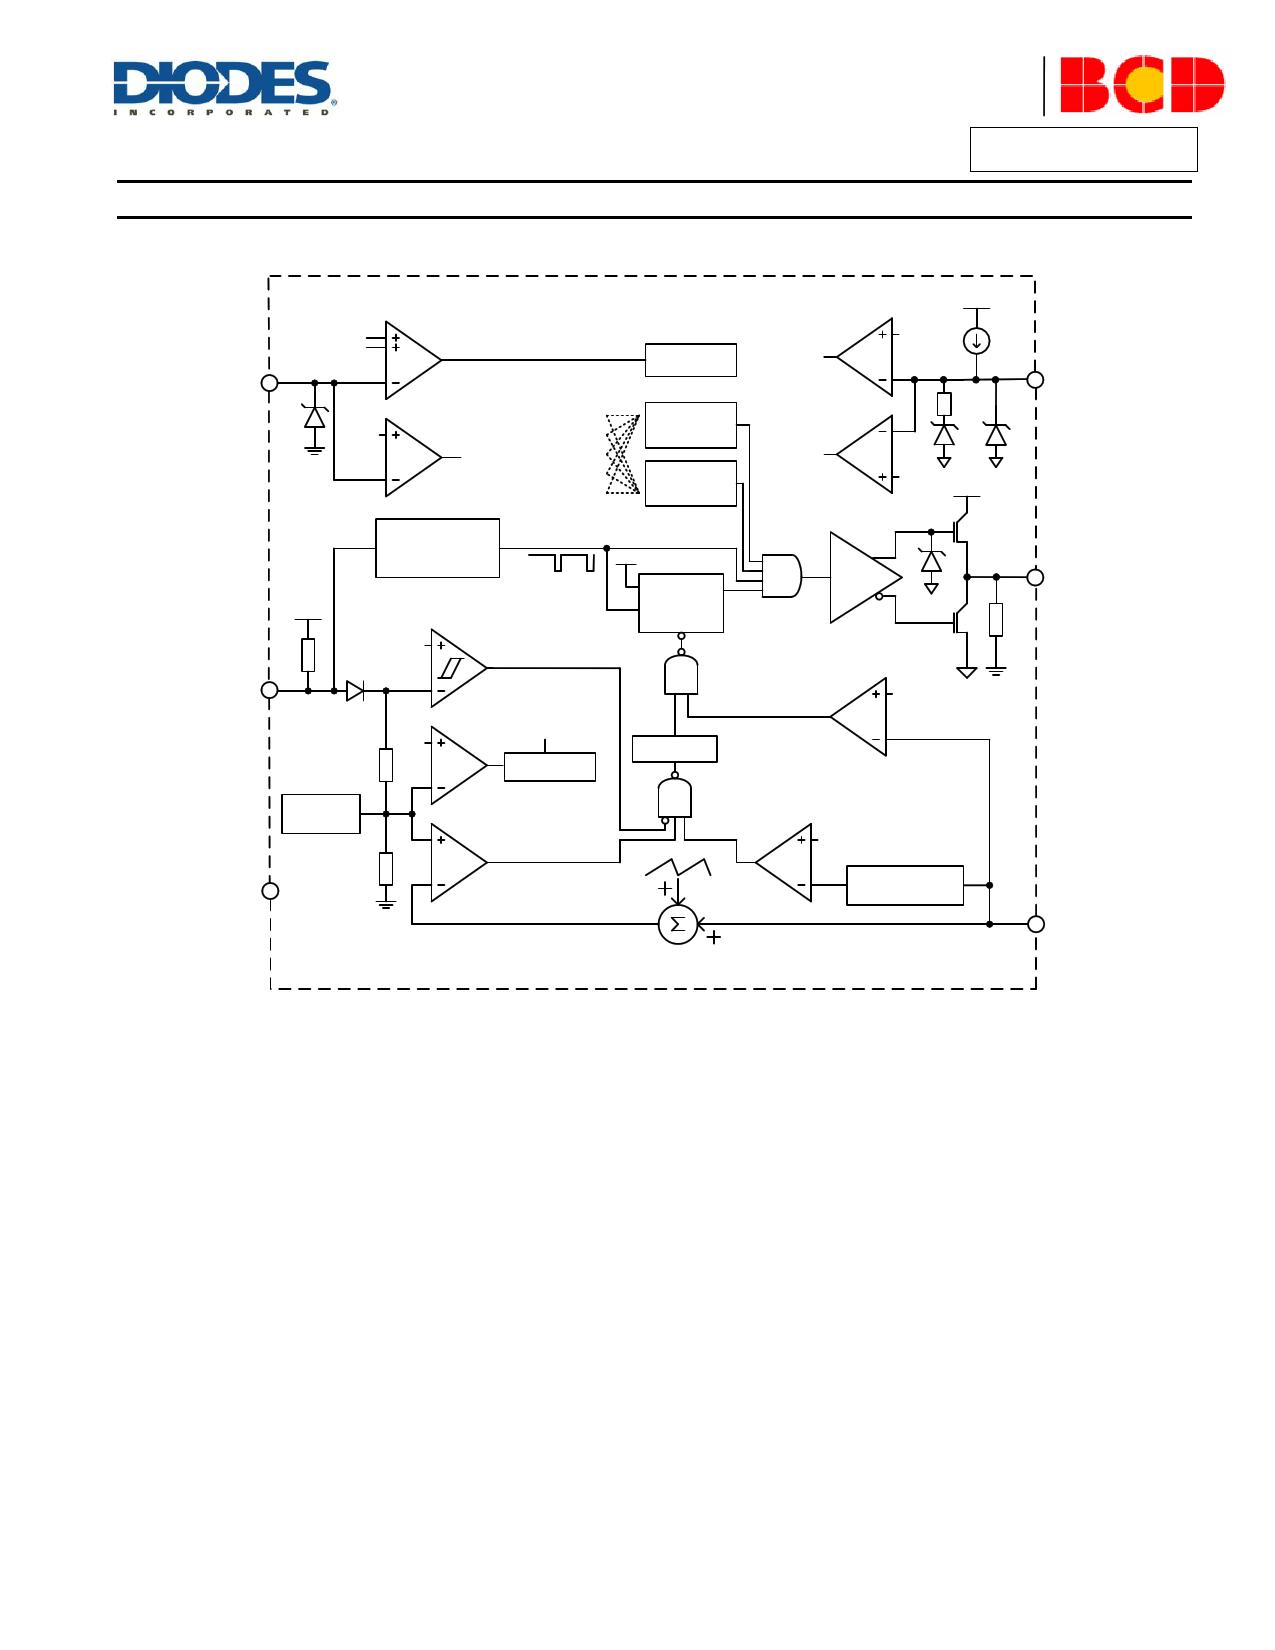 AP3105 pdf, 電子部品, 半導体, ピン配列